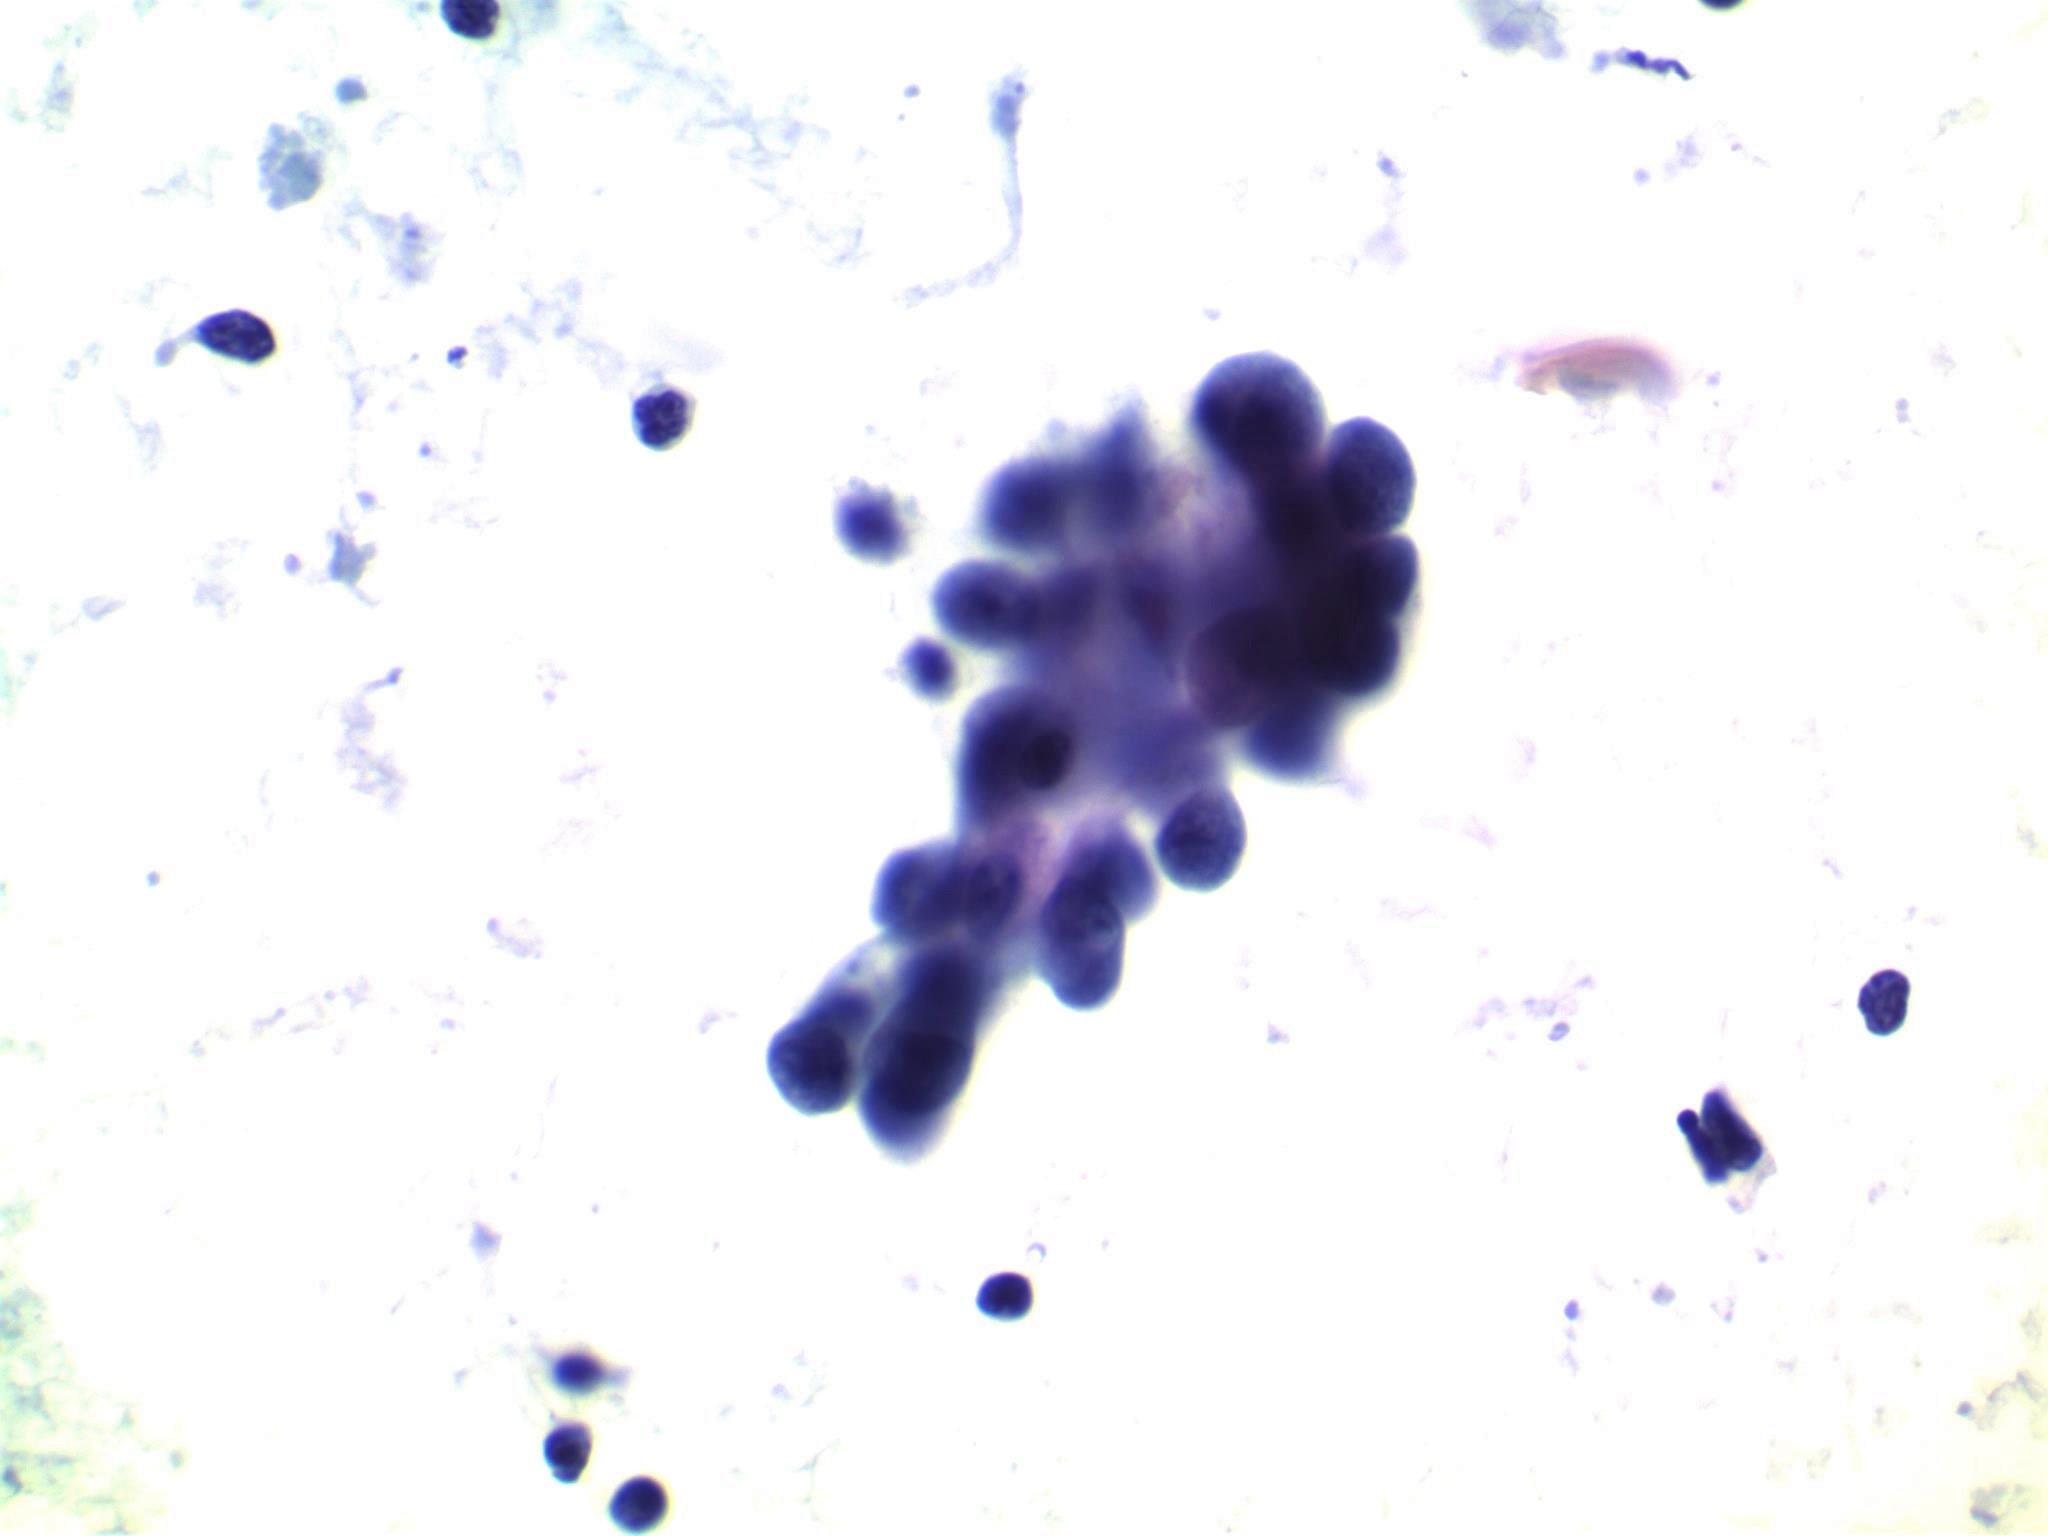 Protruding hobnail cells